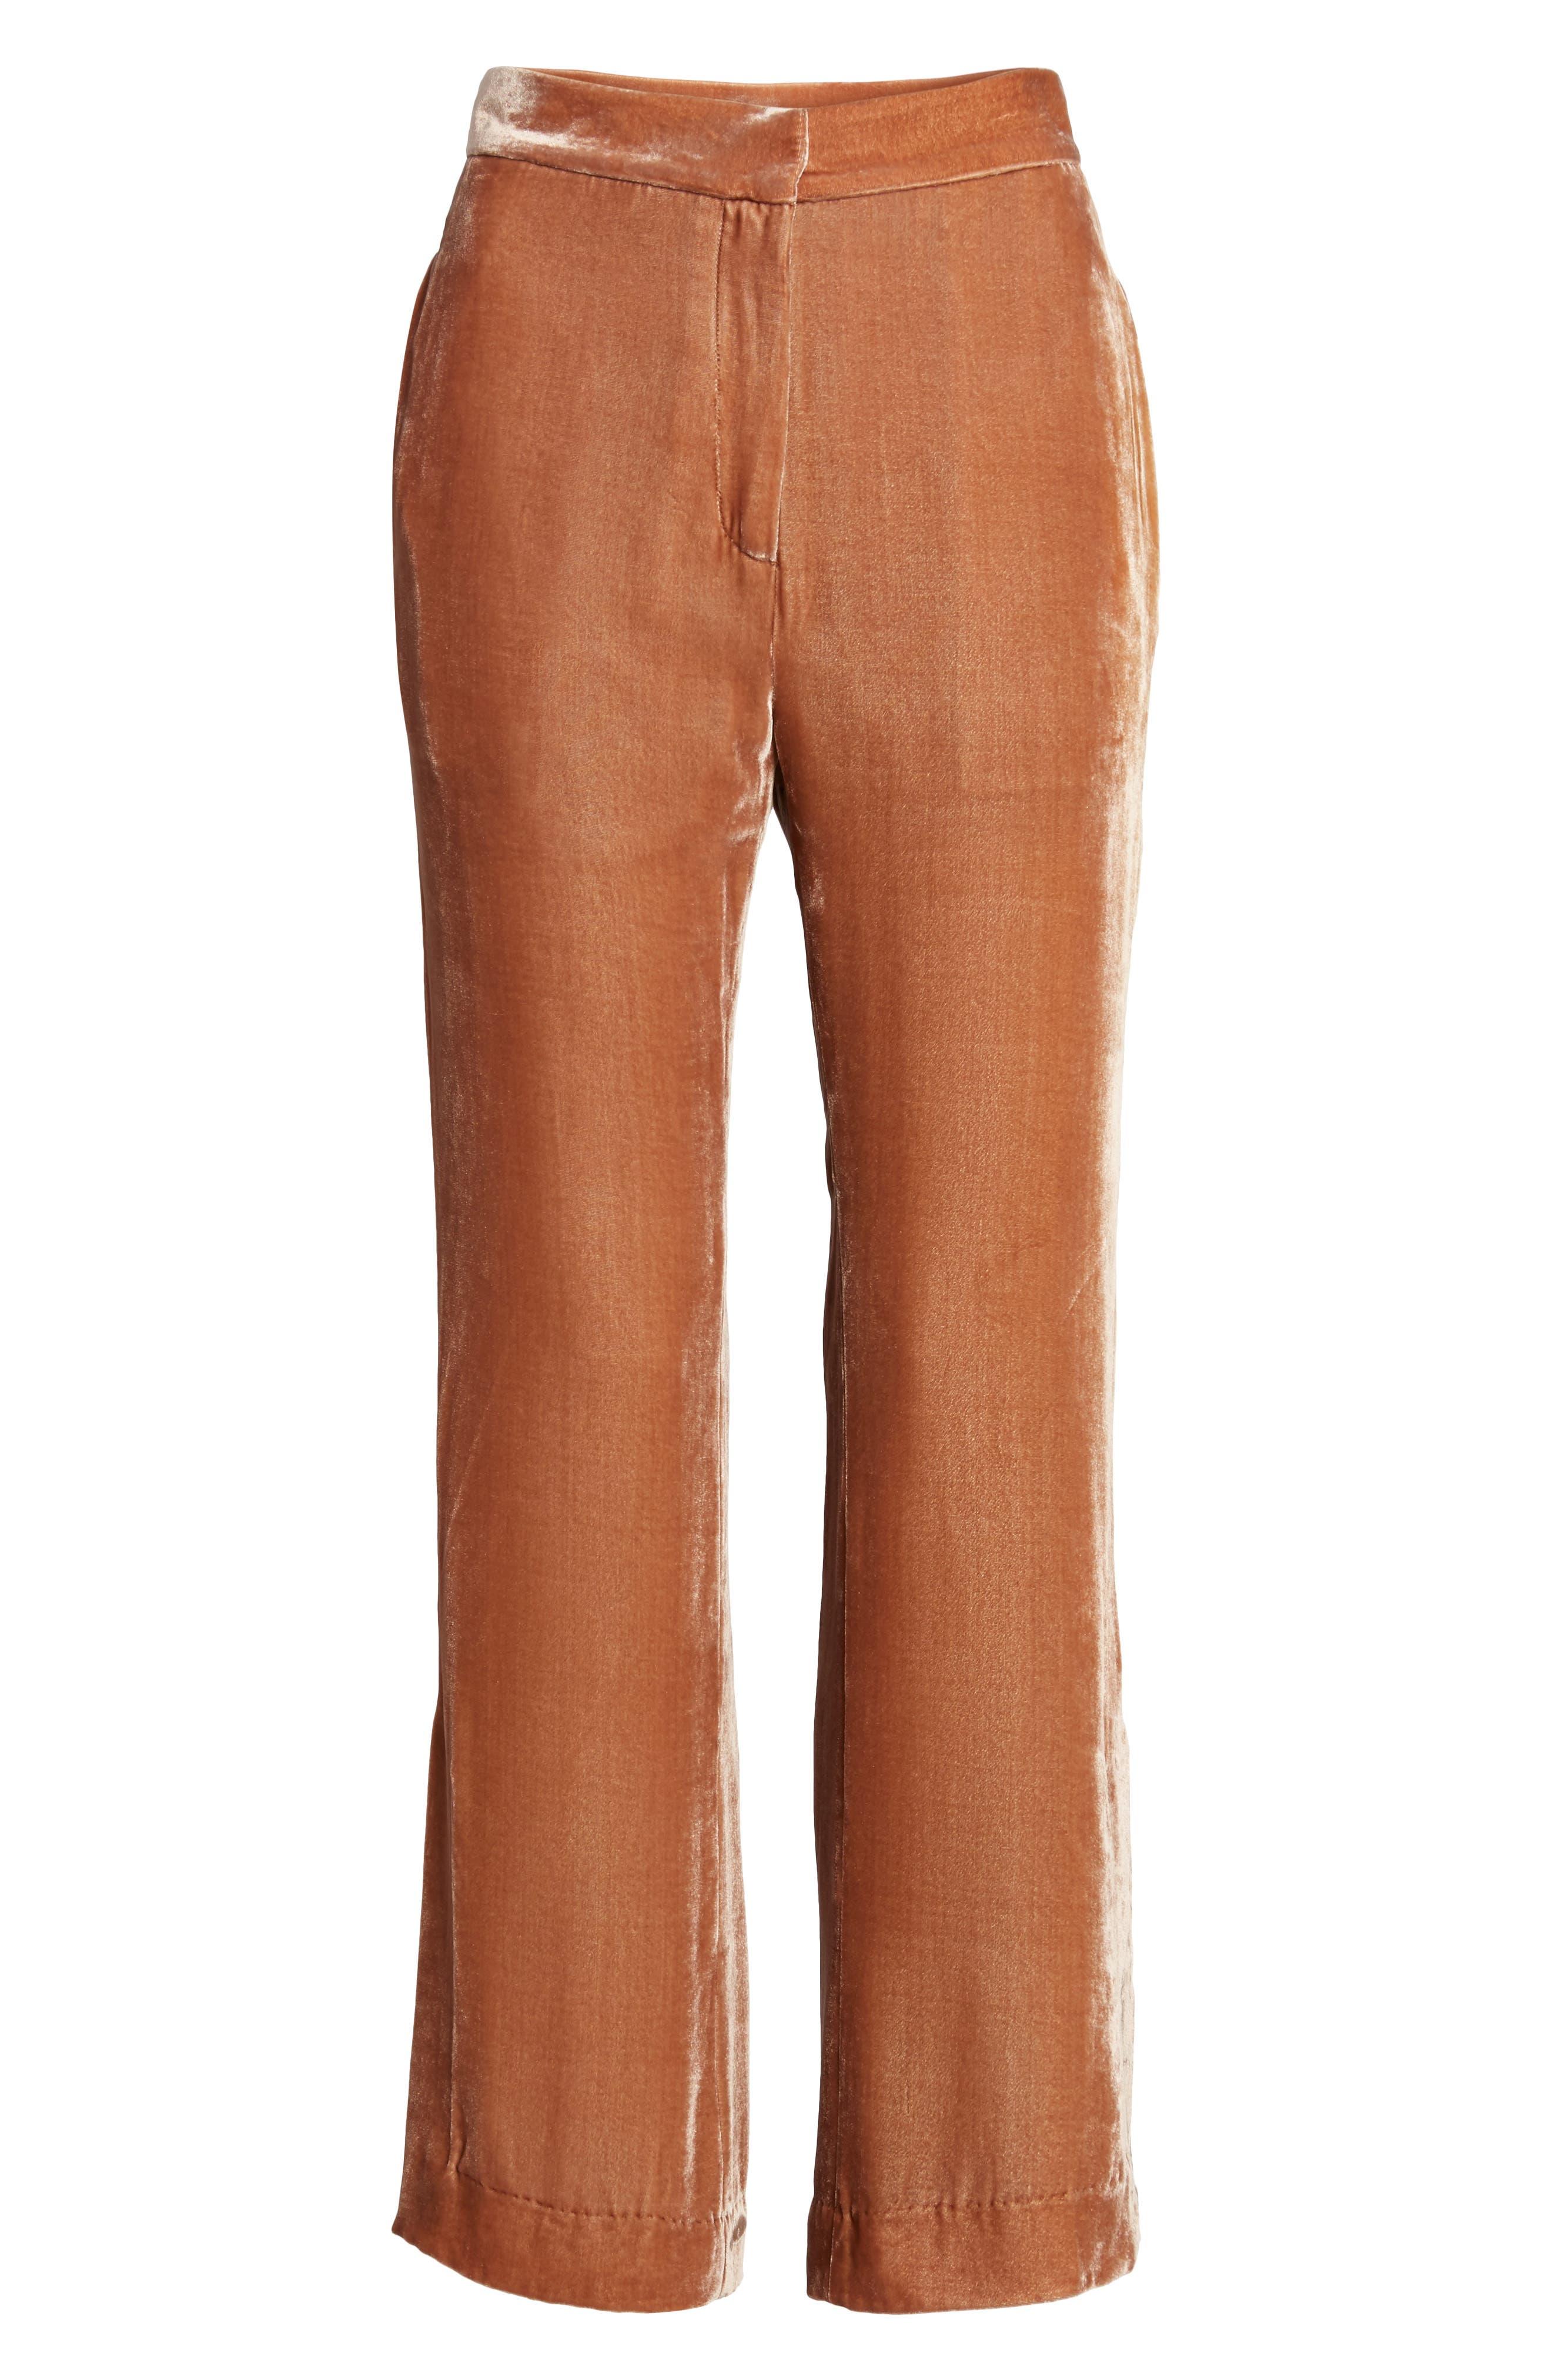 Bushwick Velvet Pants,                             Alternate thumbnail 6, color,                             Brown